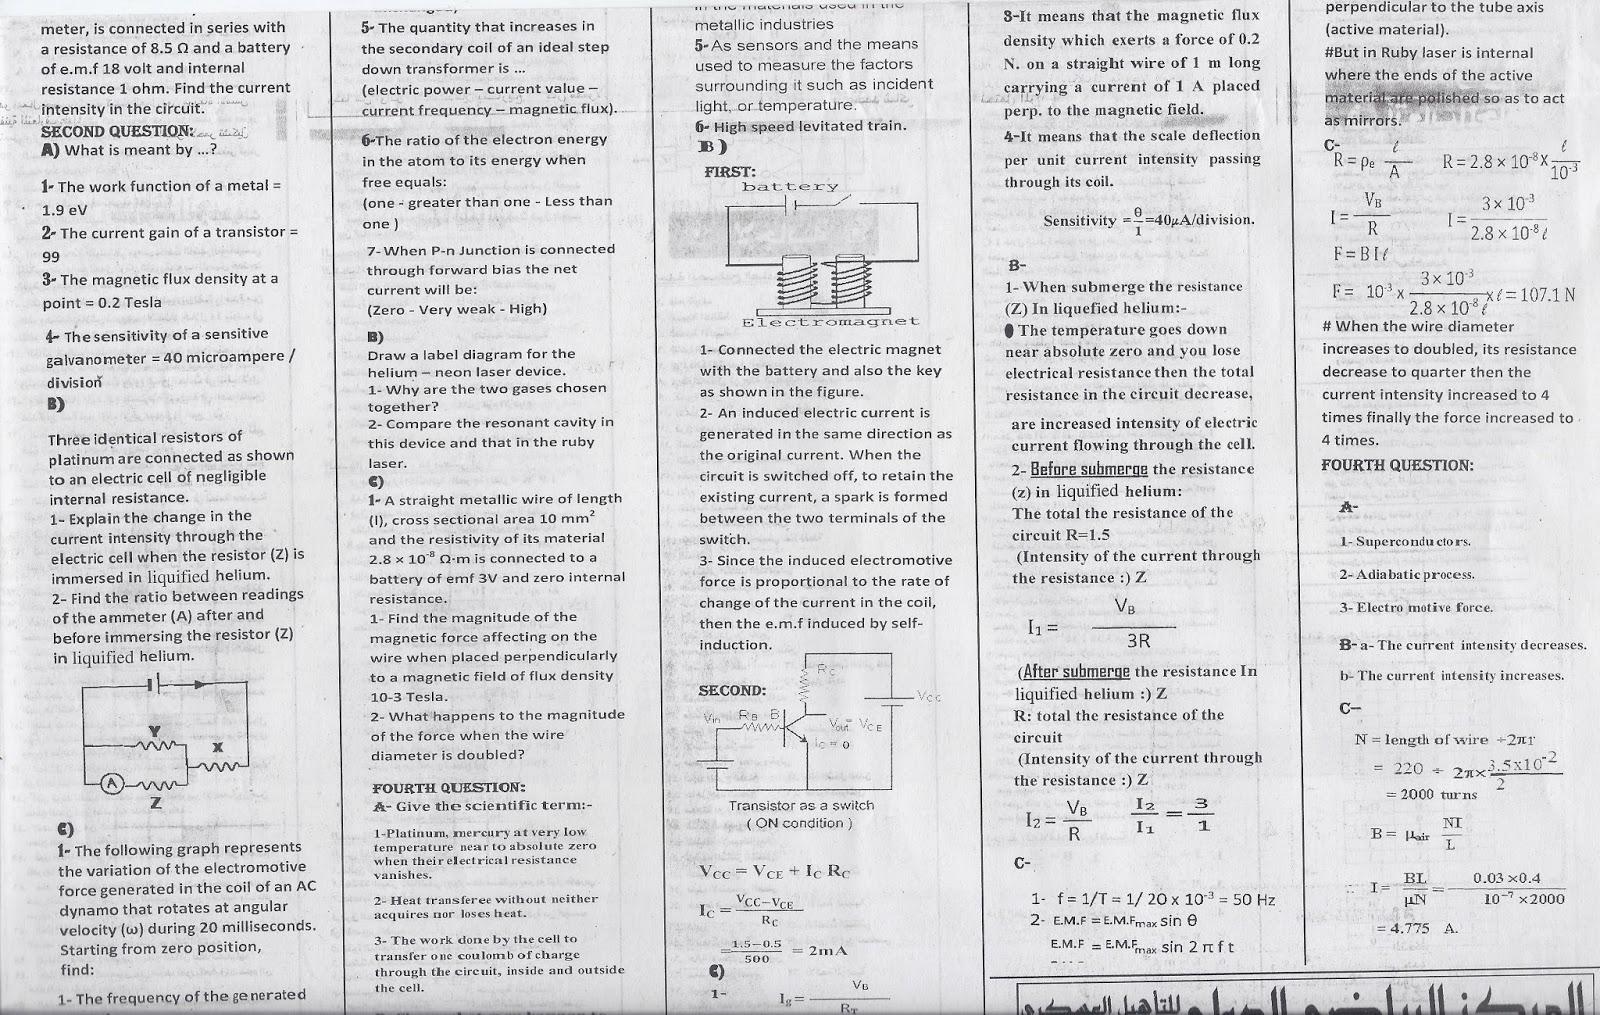 نشر اول واقوى مراجعة فيزياء من اربع مراجعات ينشرها ملحق الجمهورية للثانوية العامة 2015 Scan0015